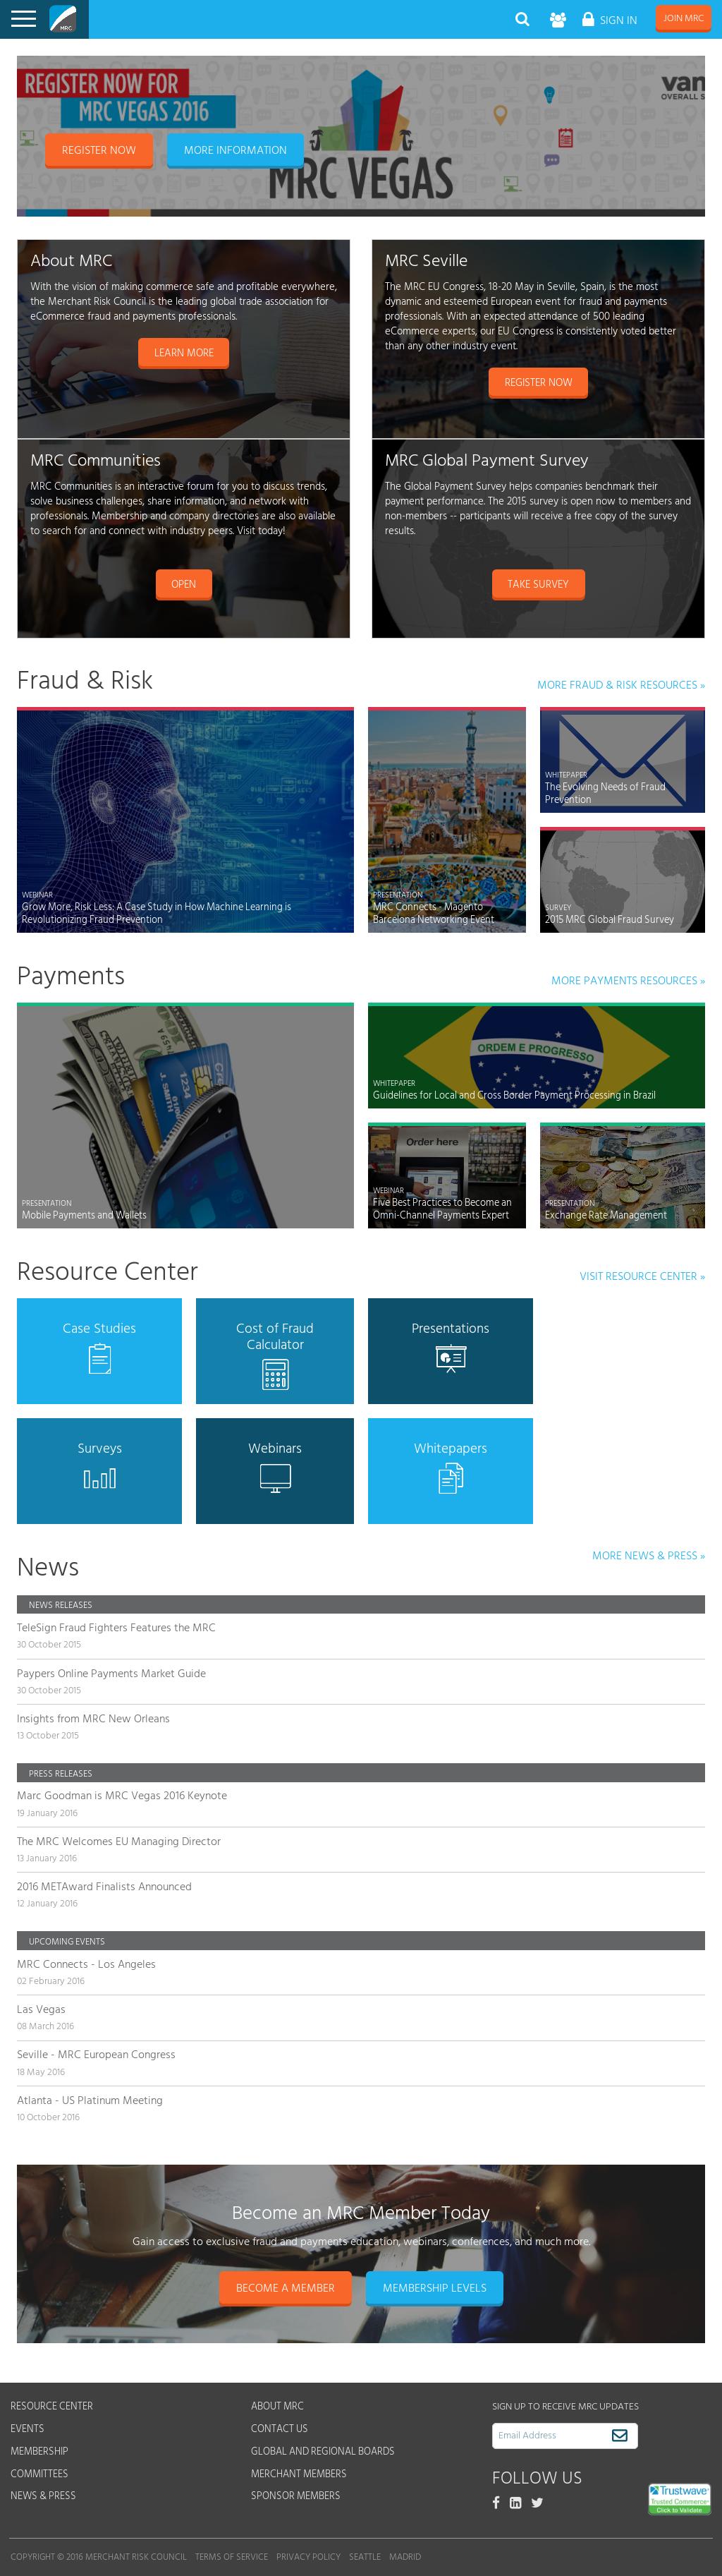 Merchantriskcouncil Competitors, Revenue and Employees